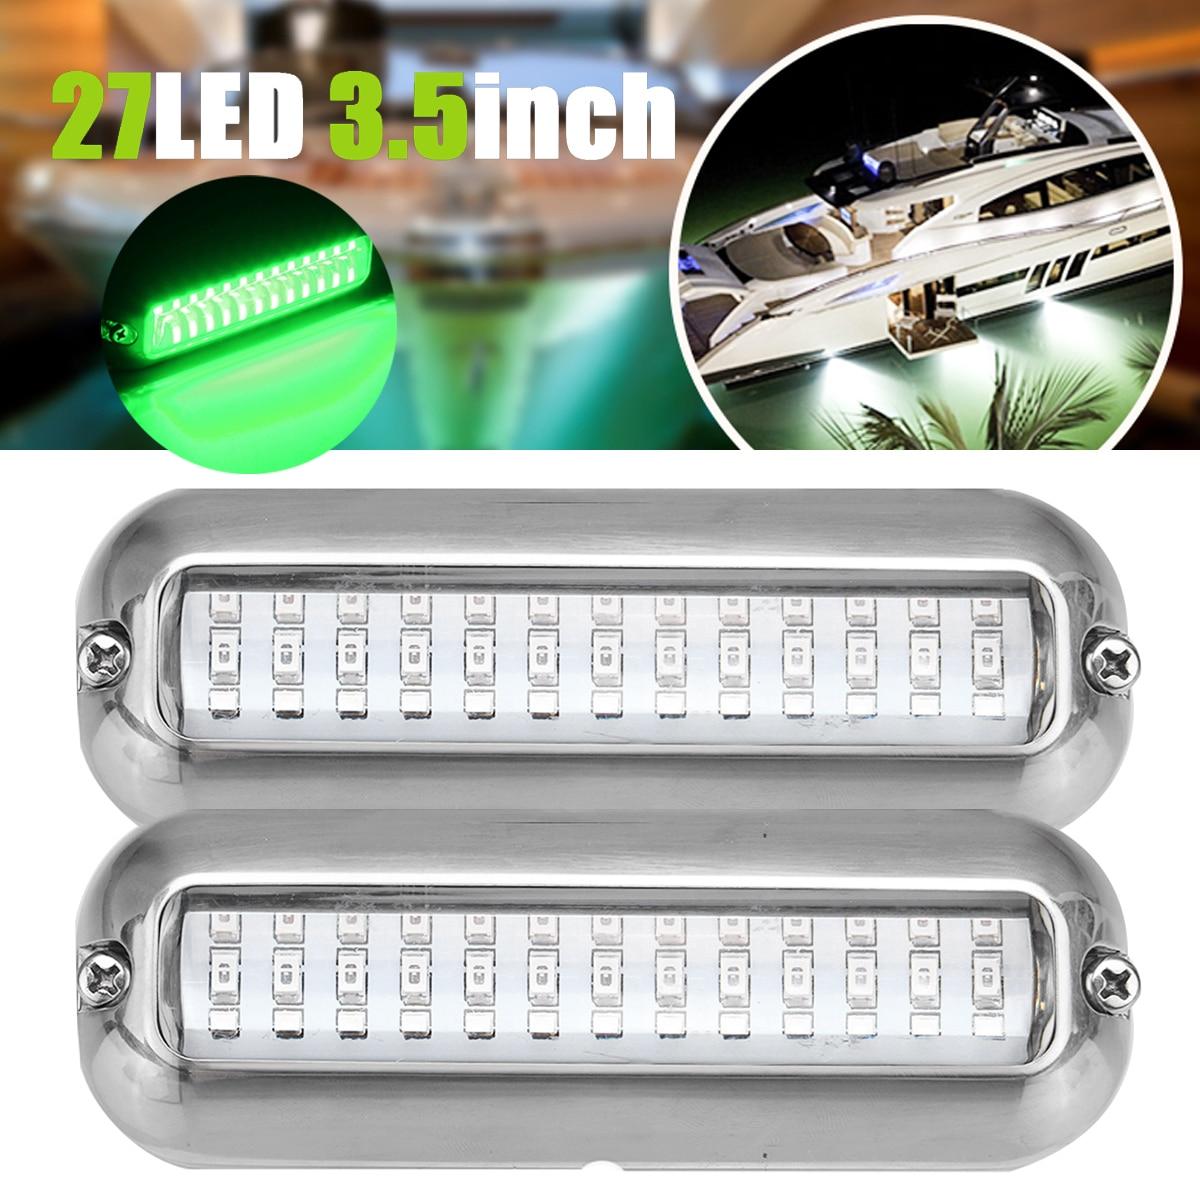 2 шт. зеленый светодиодный свет подводная рыбалка рыбацкая лодка свет привлечения рыбы ночь лампы заманивают для лодки доки Для рыбалки